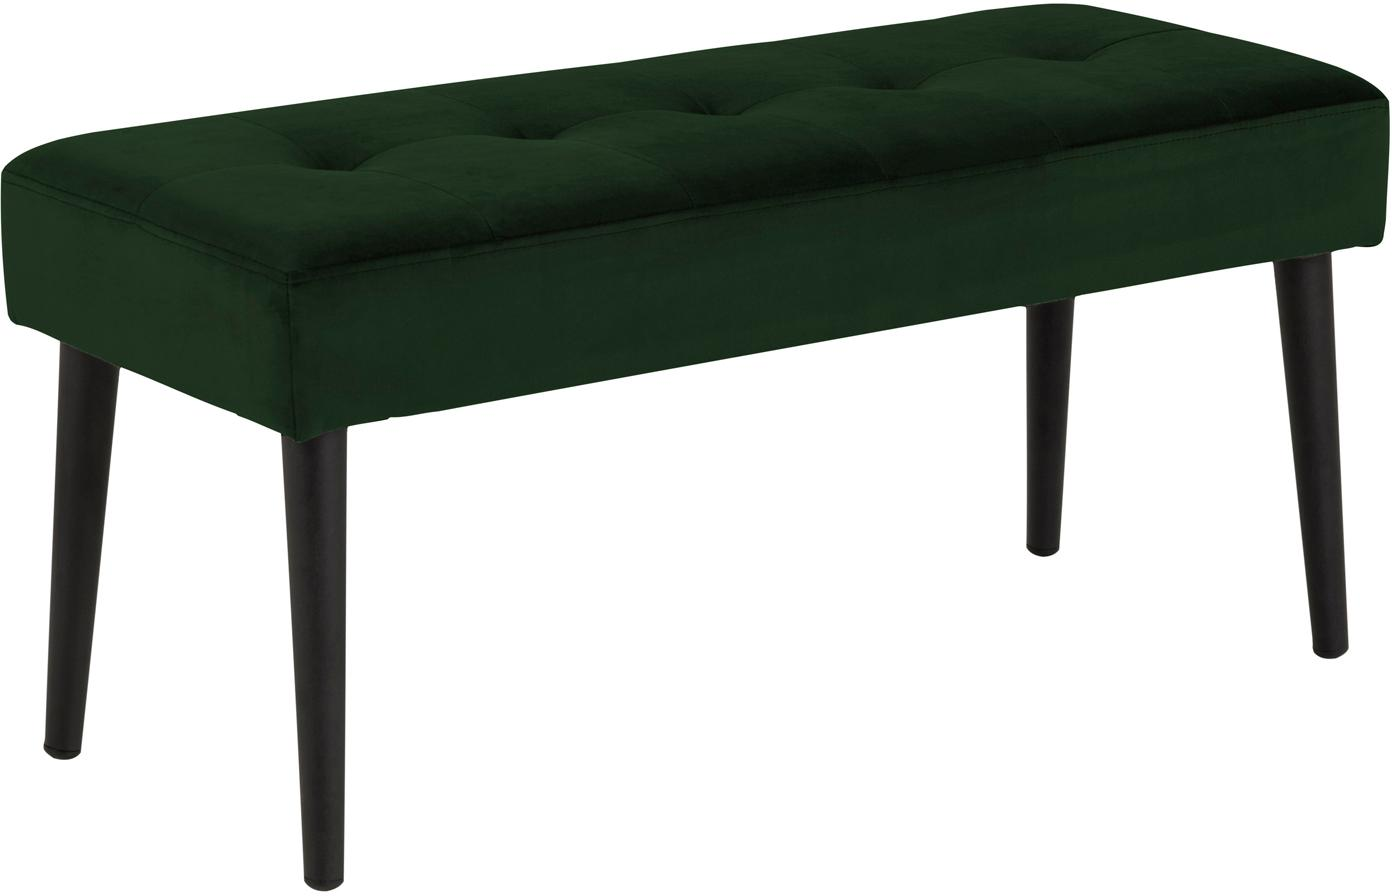 Banco de terciopelo Glory, Tapizado: terciopelo de poliéster 2, Estructura: metal con pintura en polv, Verde oscuro, An 95 x Al 45 cm